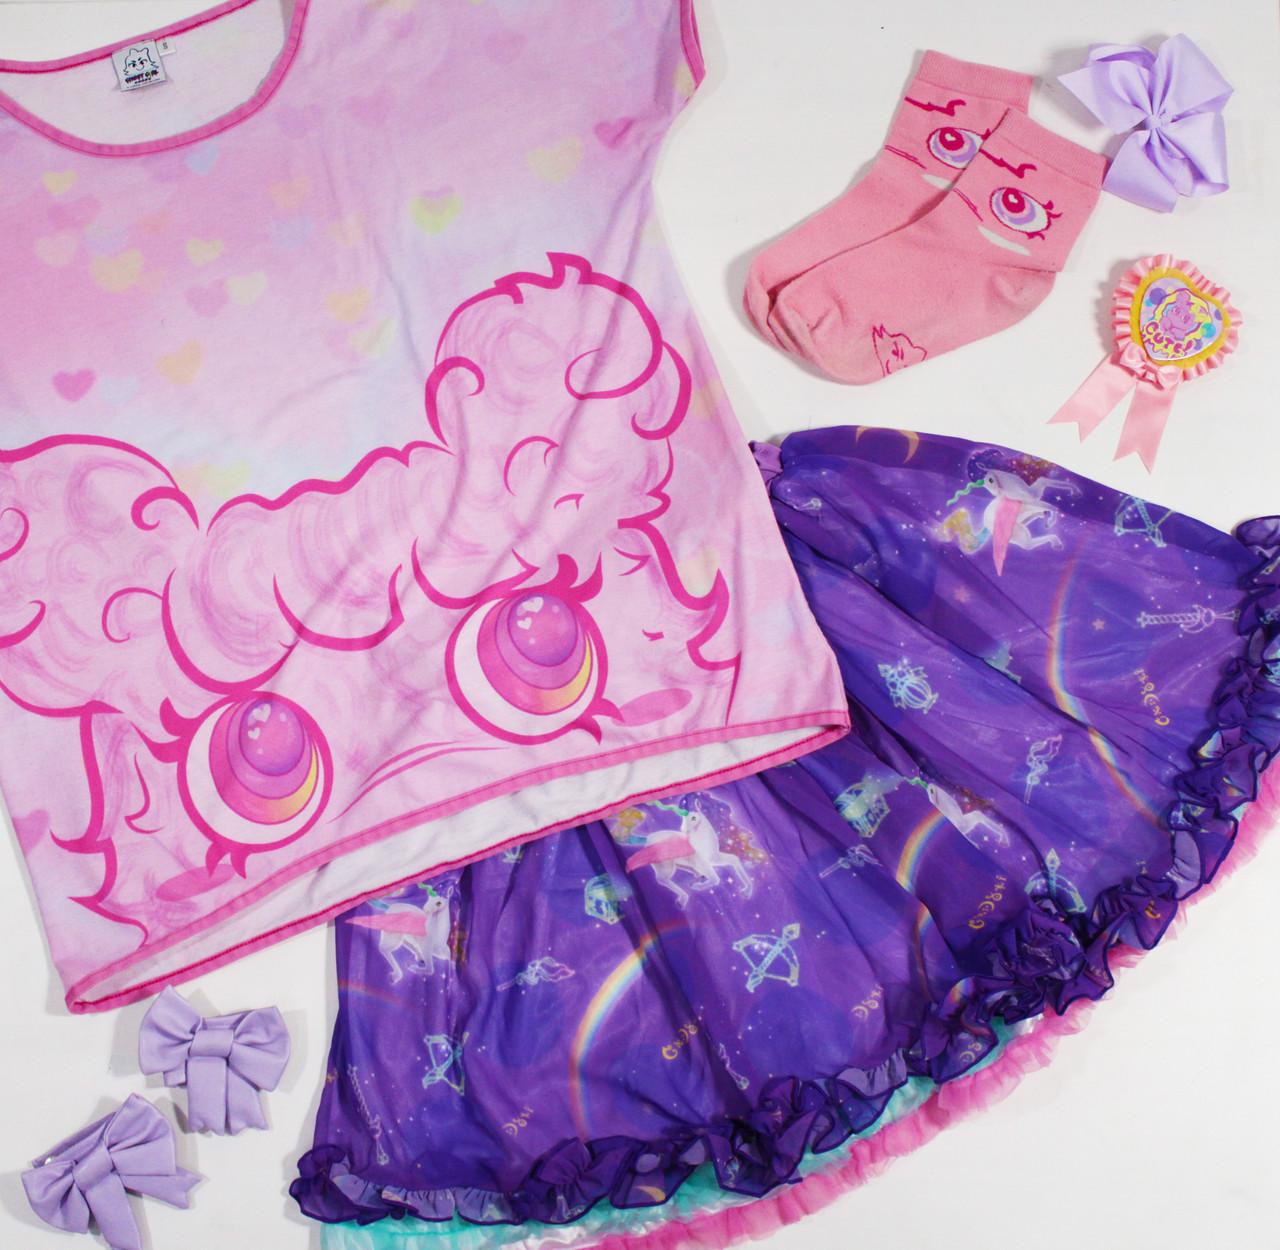 Top: Pompoji's Kawaii Magic Tee Skirt: Night Trip Skirt  Socks: Pompoji Socks Bracelet: Charming Bow Bracelets Rosette: Pompoji Rosette  6DOKIDOKI x GHOST GiRL GOODS